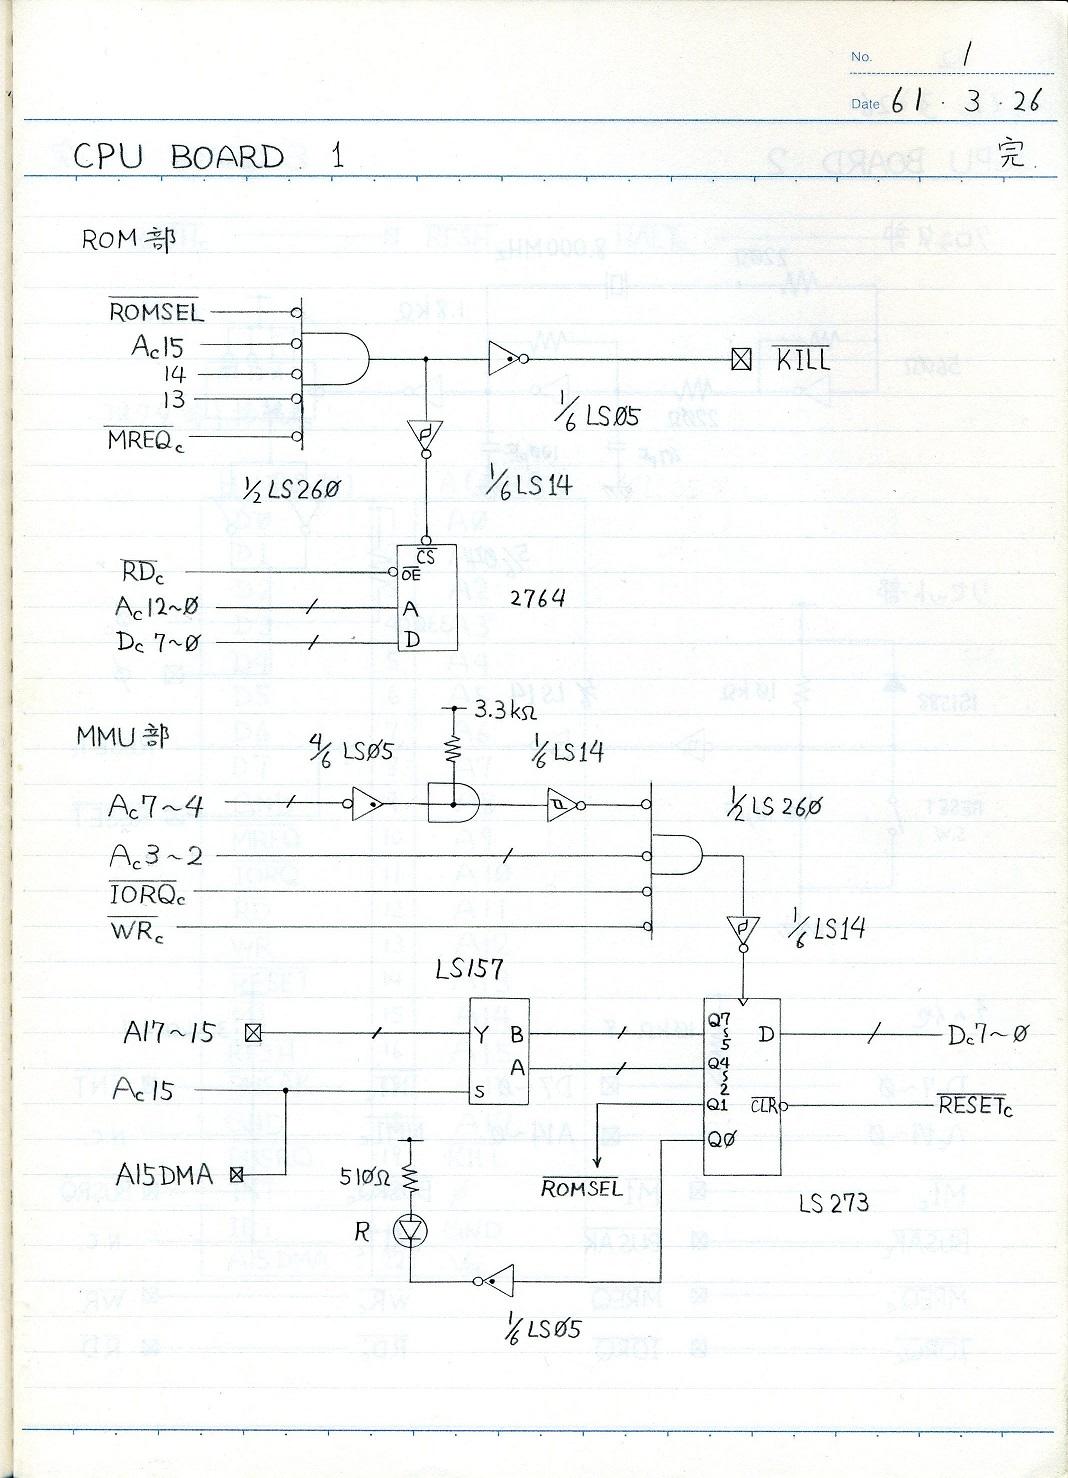 CPU board circuit 1